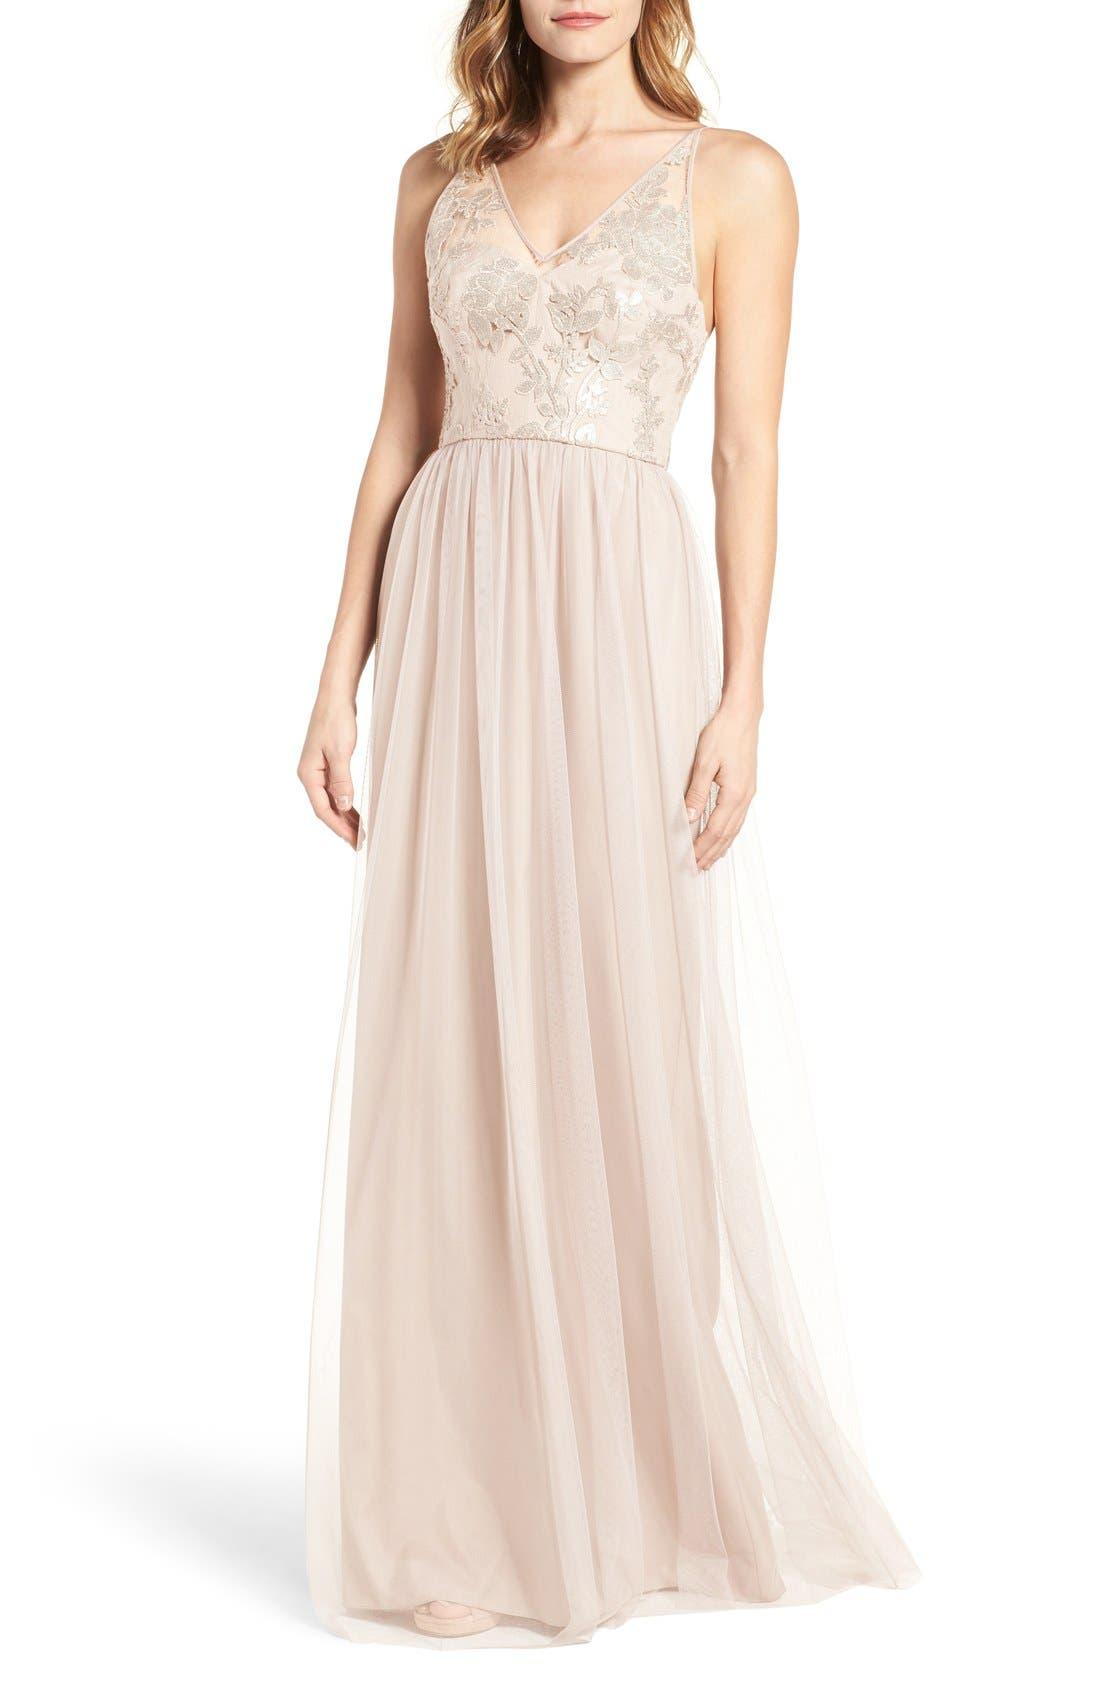 Main Image - Amsale Sora Sequin & Lace Gown